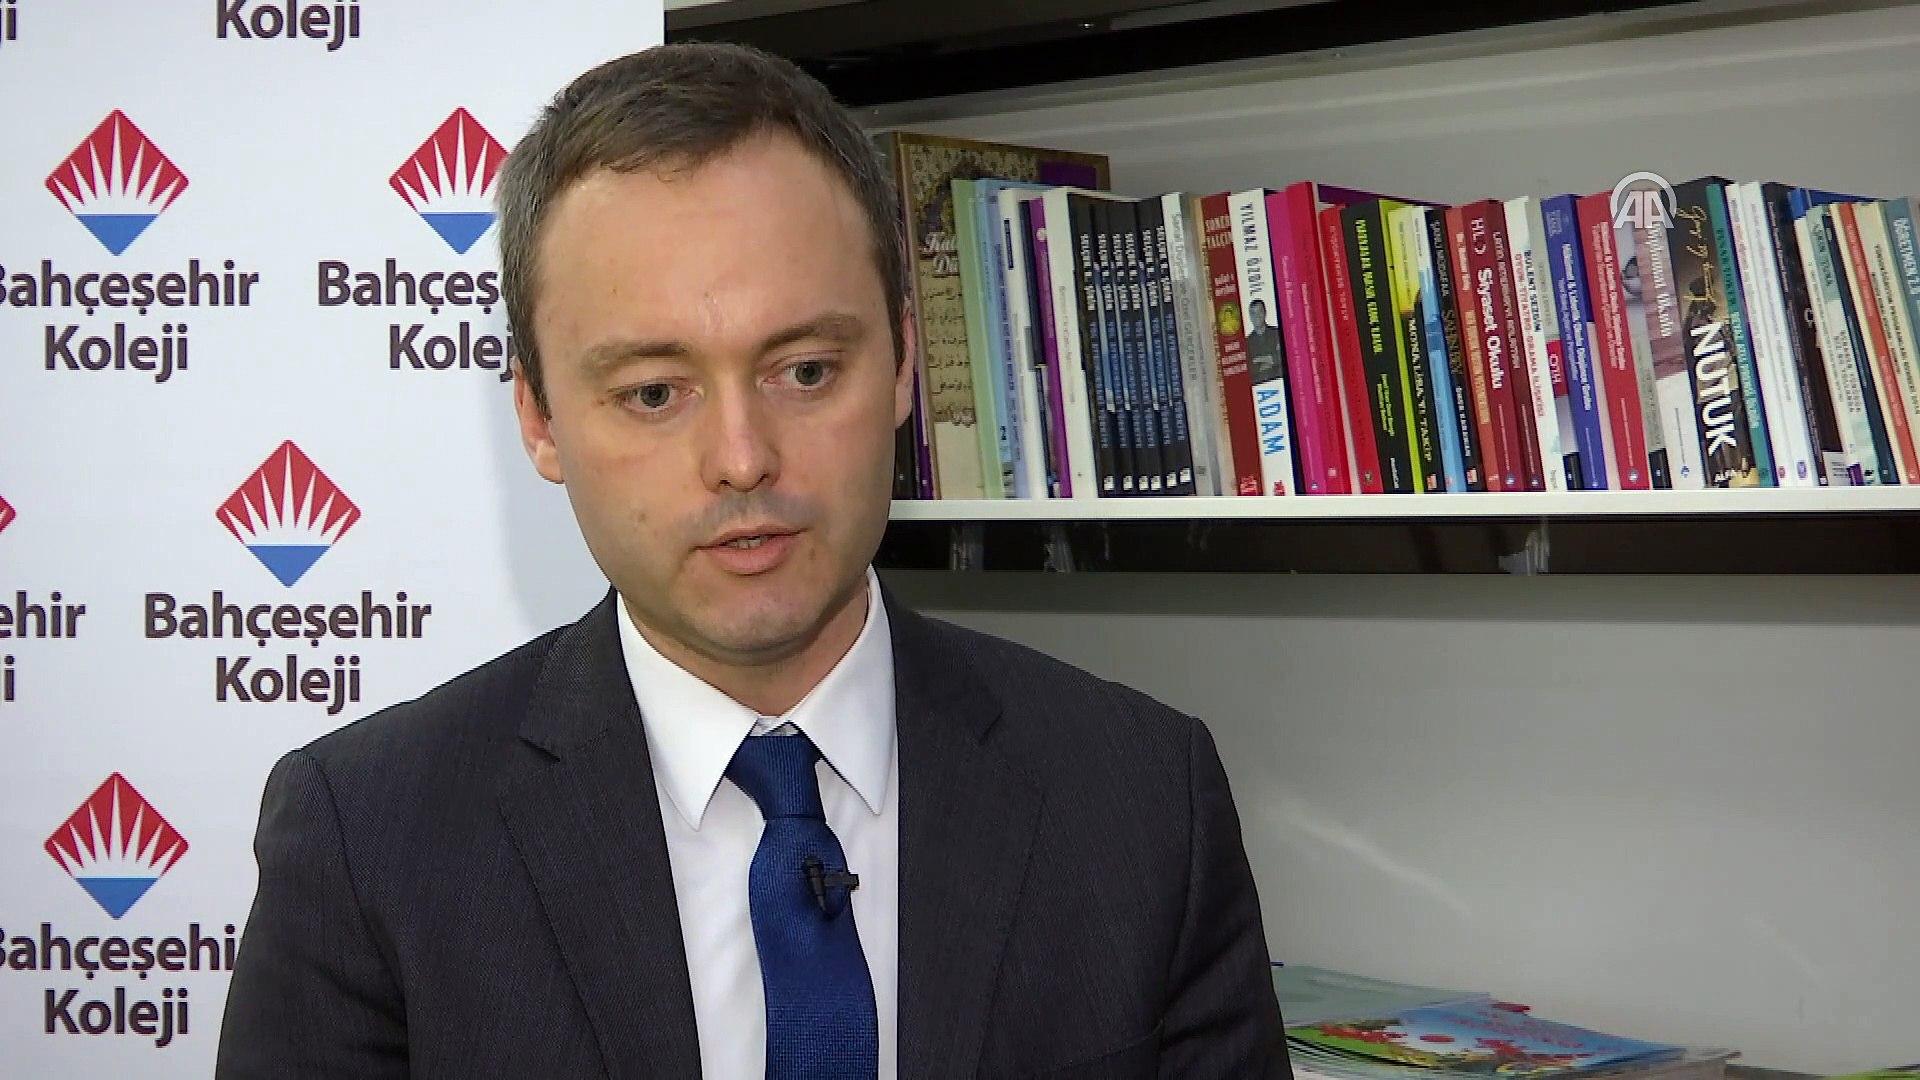 'Yabancı dil eğitimi konusunda geliştirilmesi gereken alanlar var' - İSTANBUL